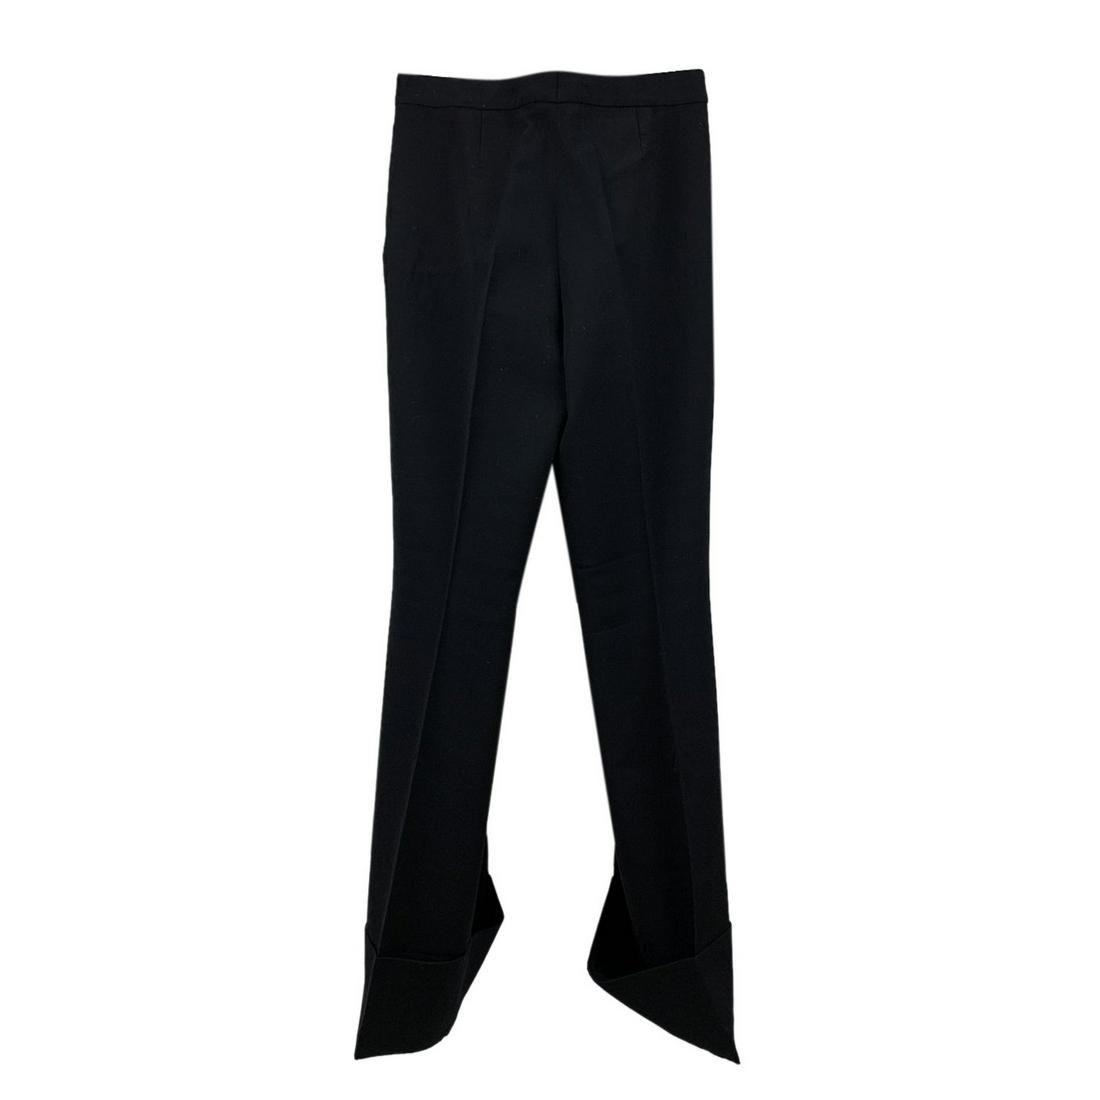 Stella McCartney Black Wool Wide Leg Trousers Size 40